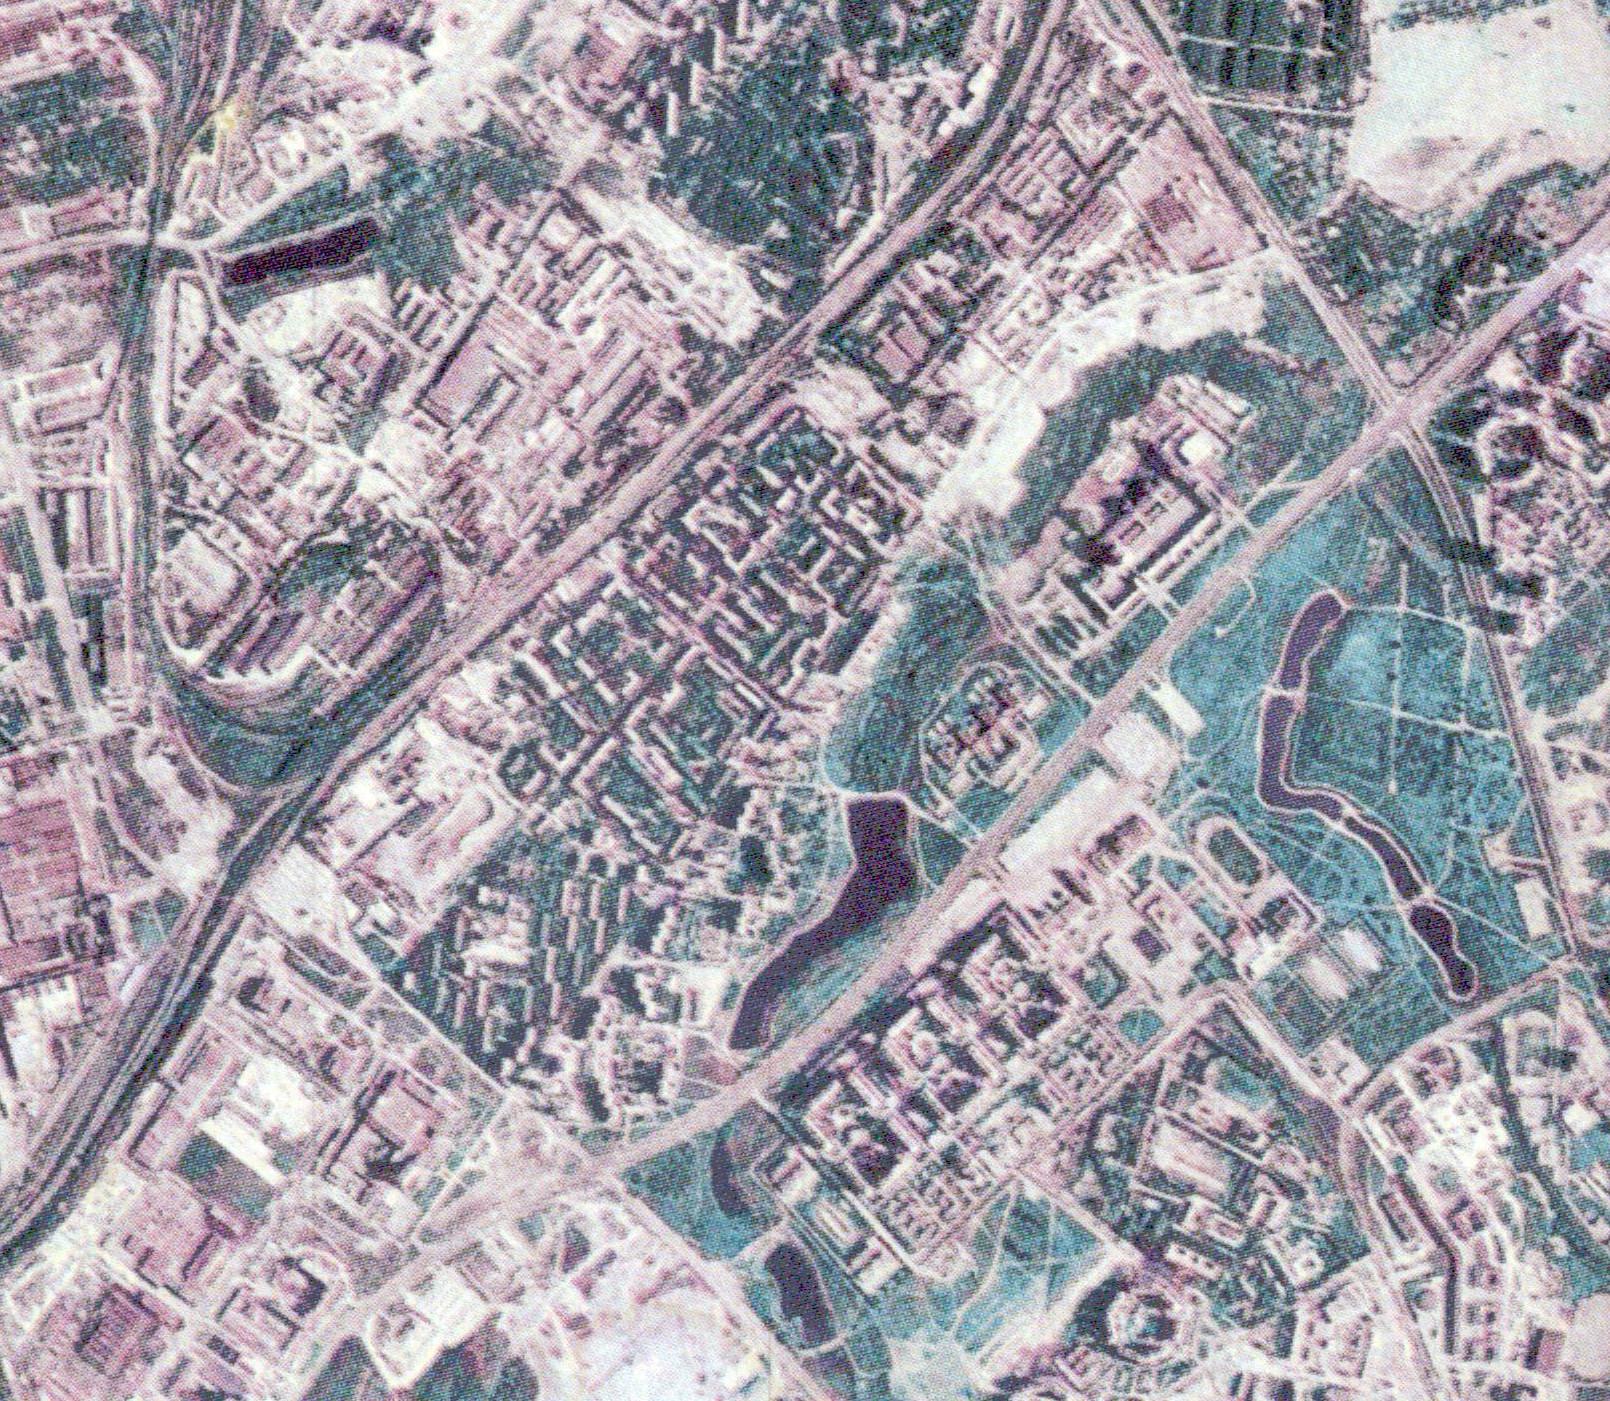 1992 спутниковый снимок3